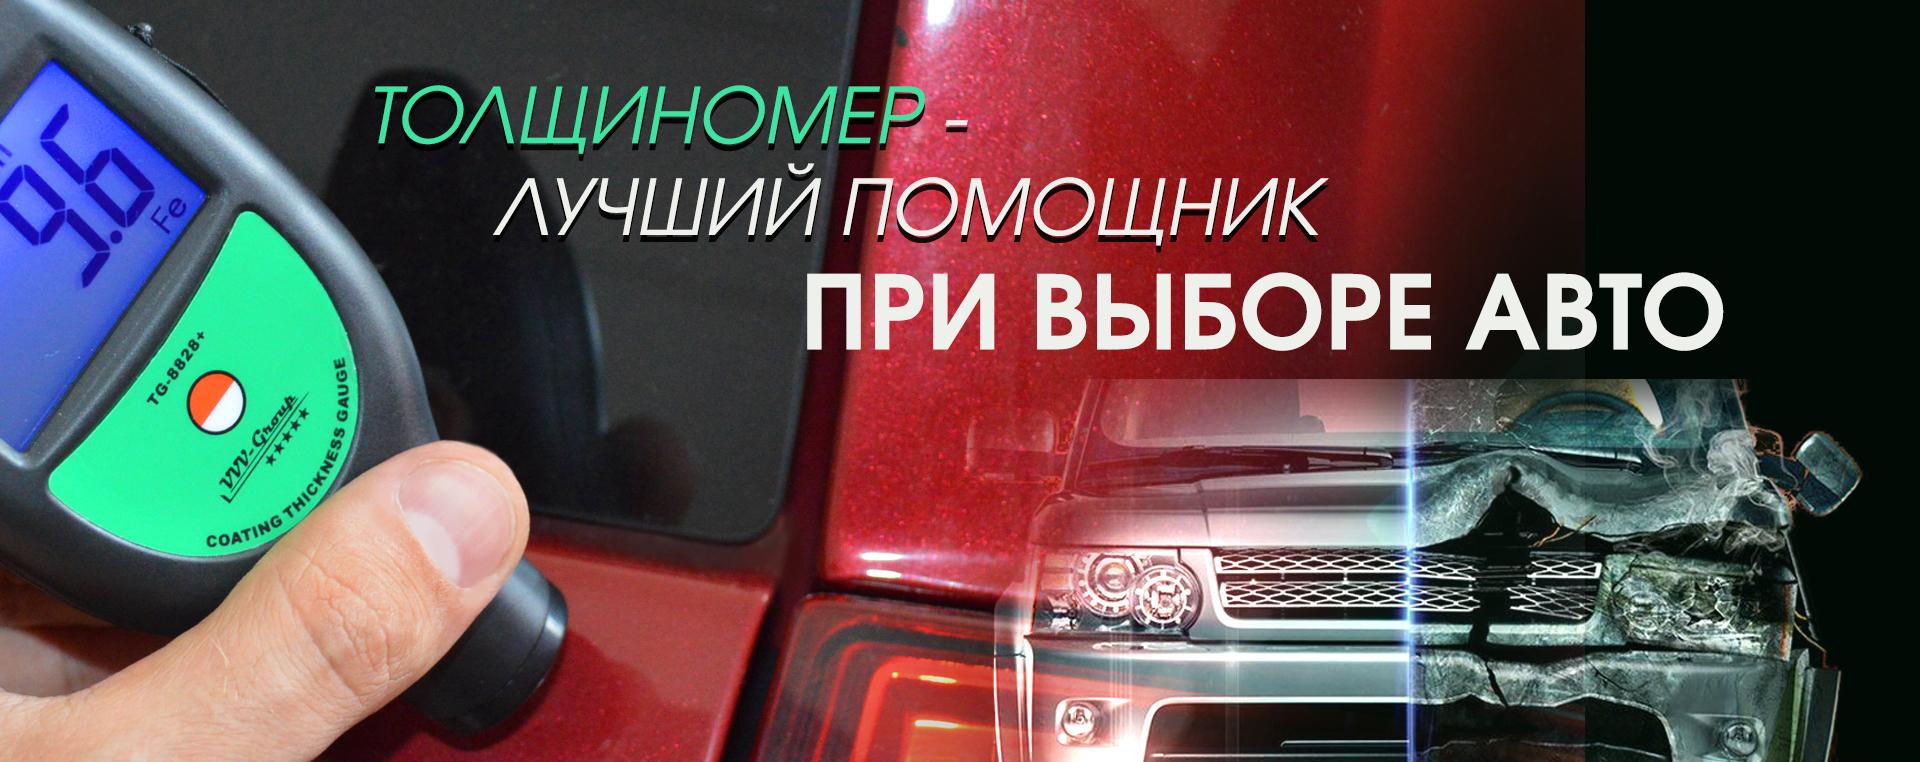 толщиномер краски и выбор автомобиля